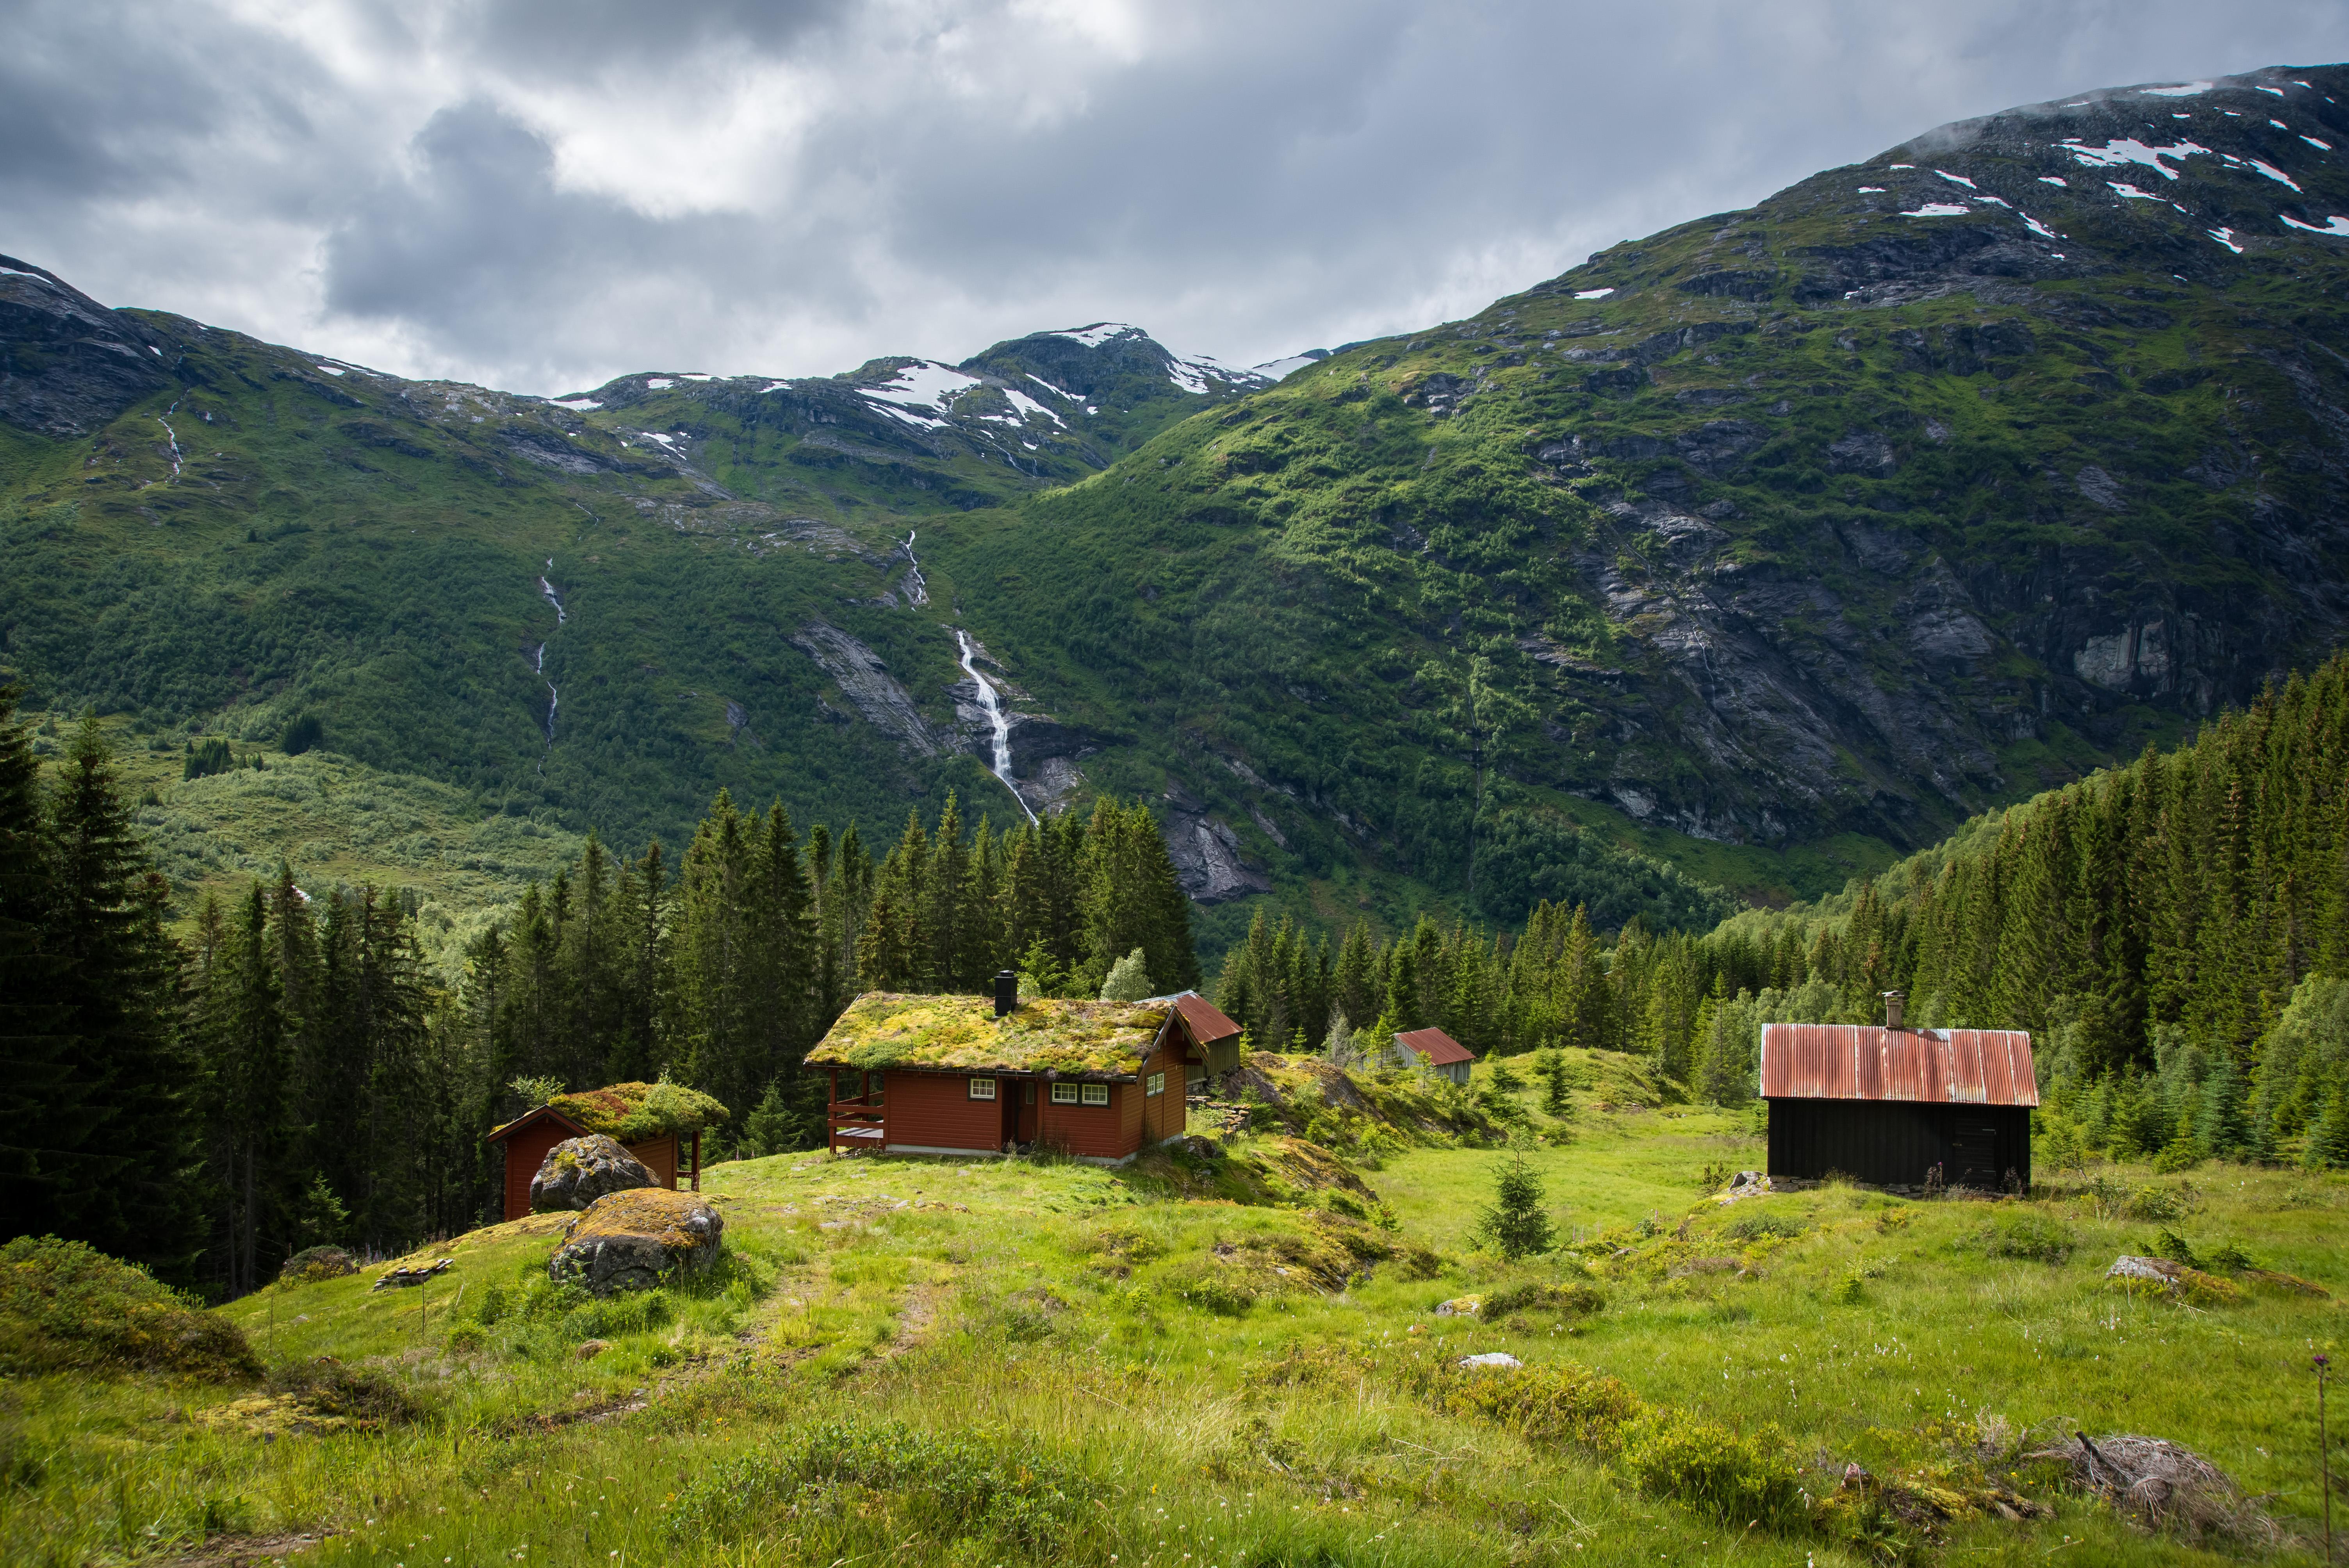 116836 скачать обои Дома, Природа, Деревья, Трава, Горы - заставки и картинки бесплатно